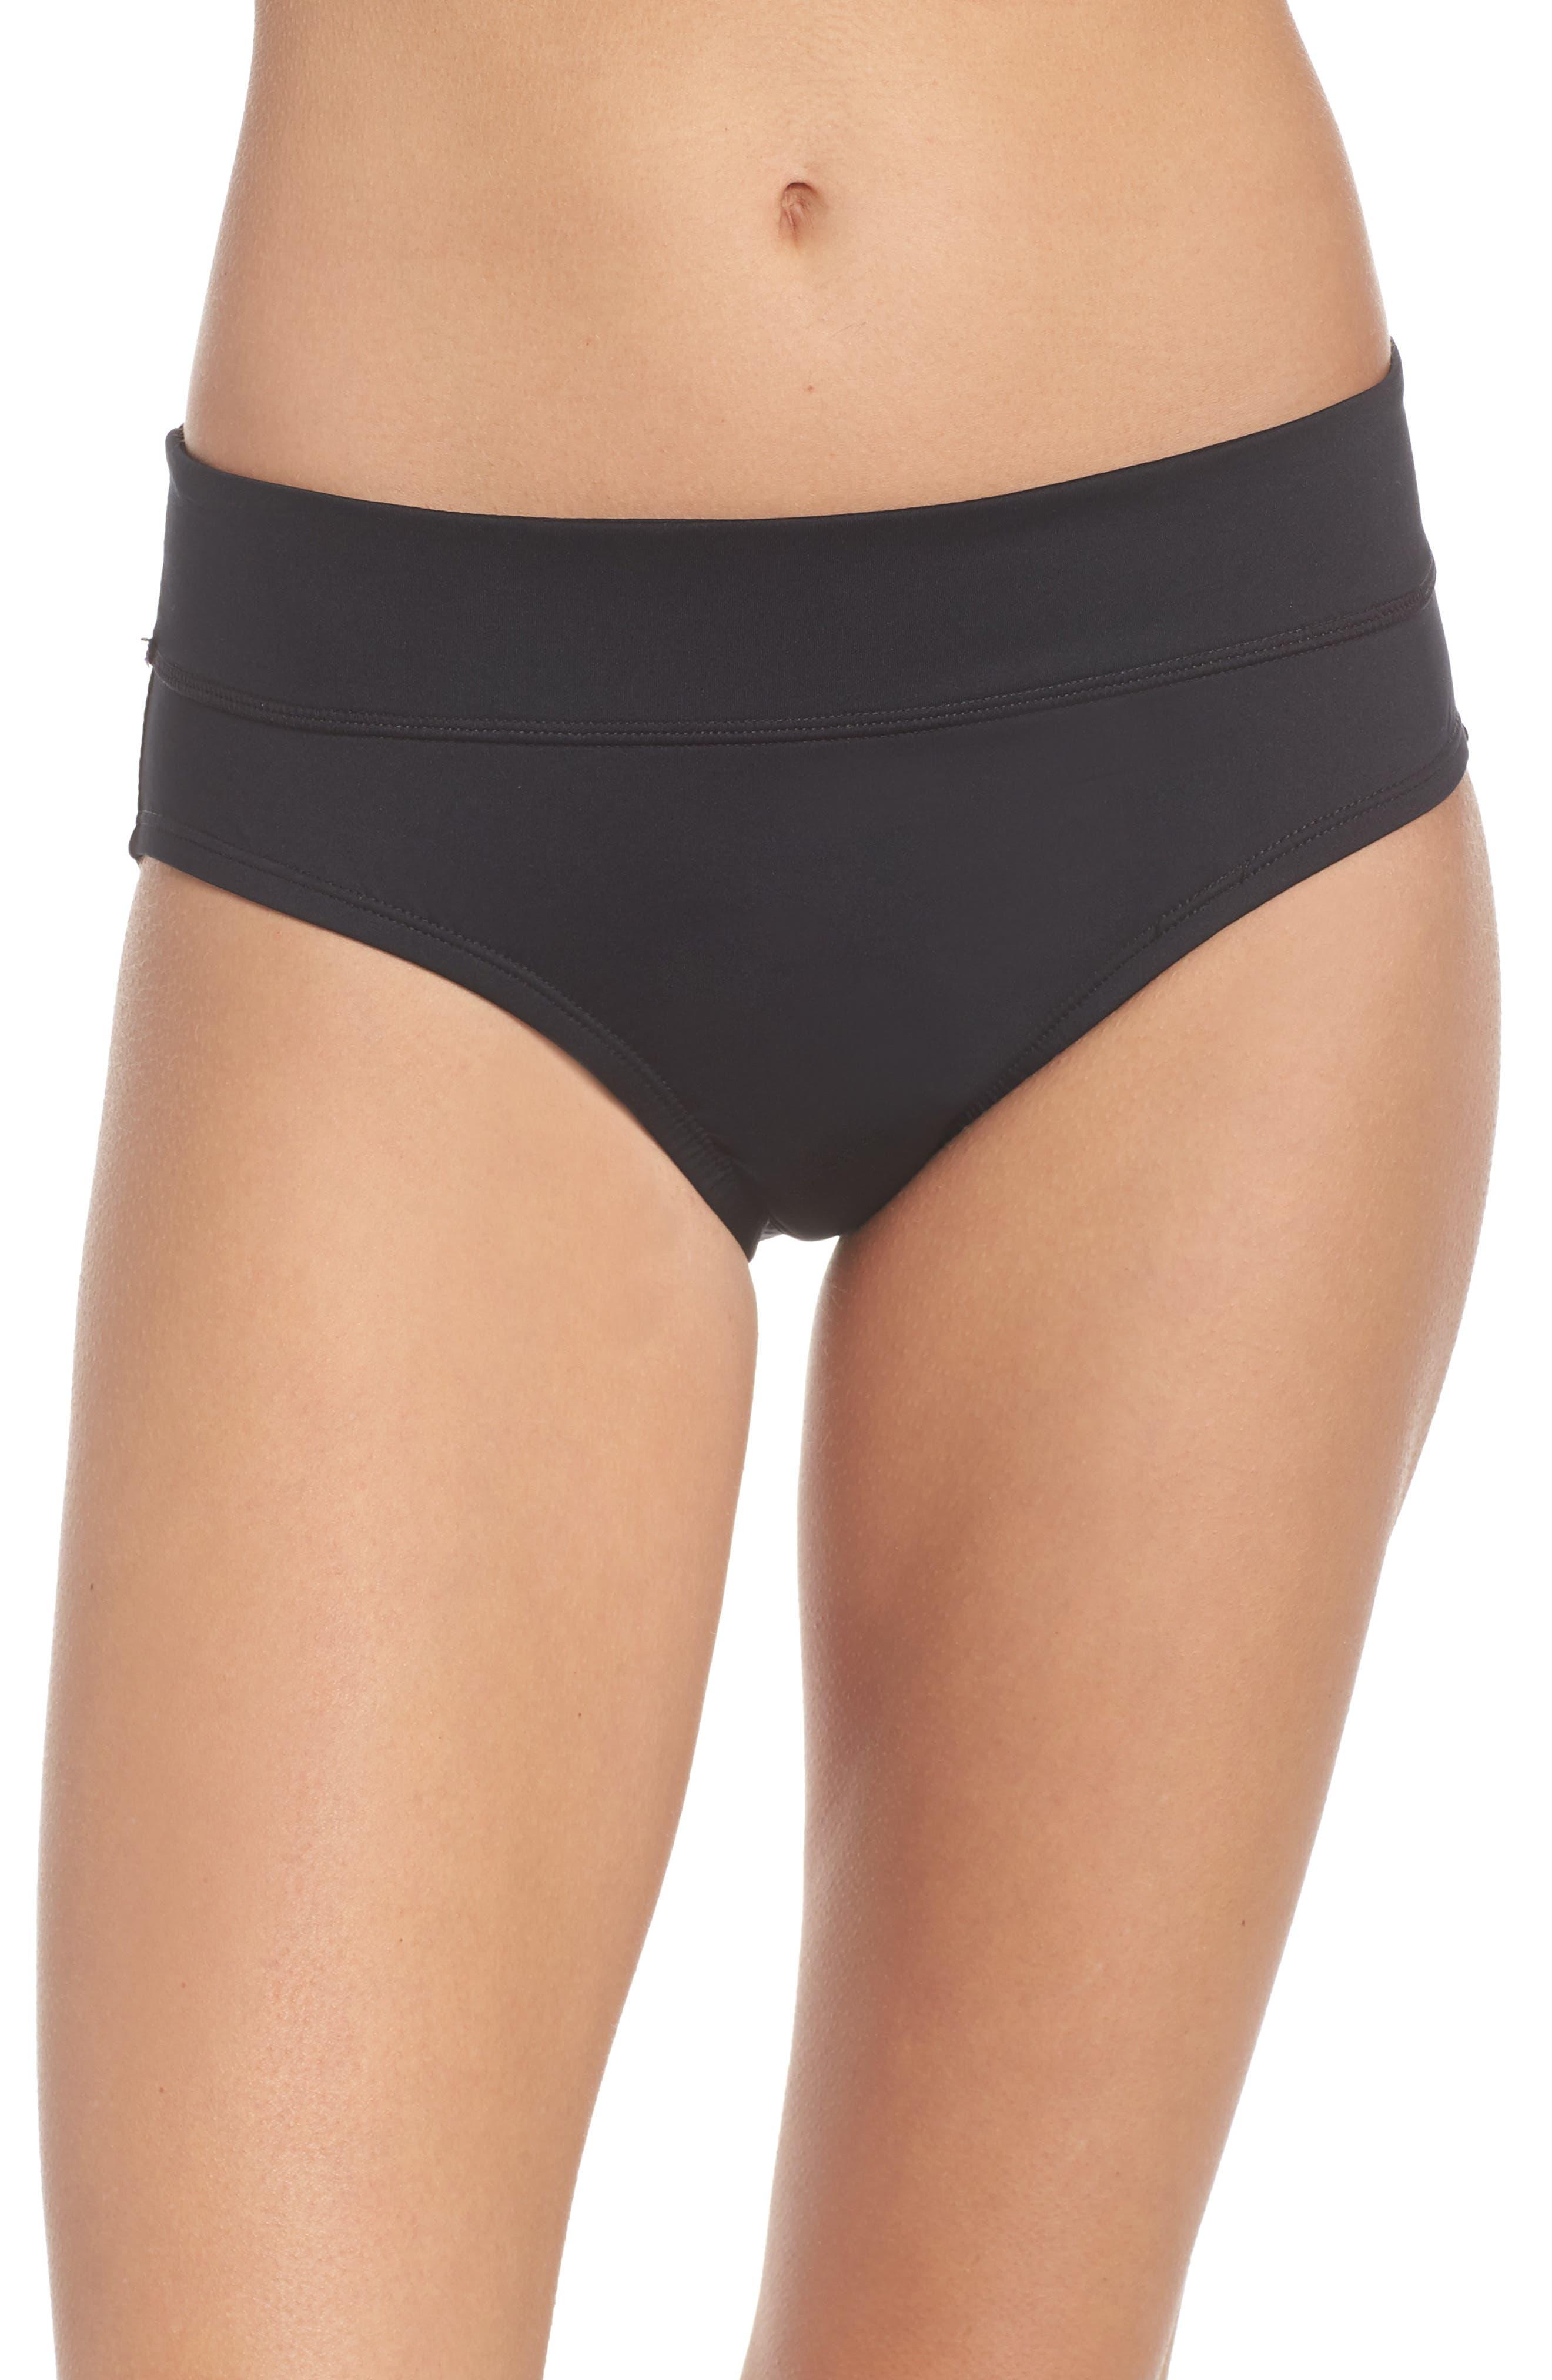 NIKE Full Bikini Bottoms, Main, color, BLACK